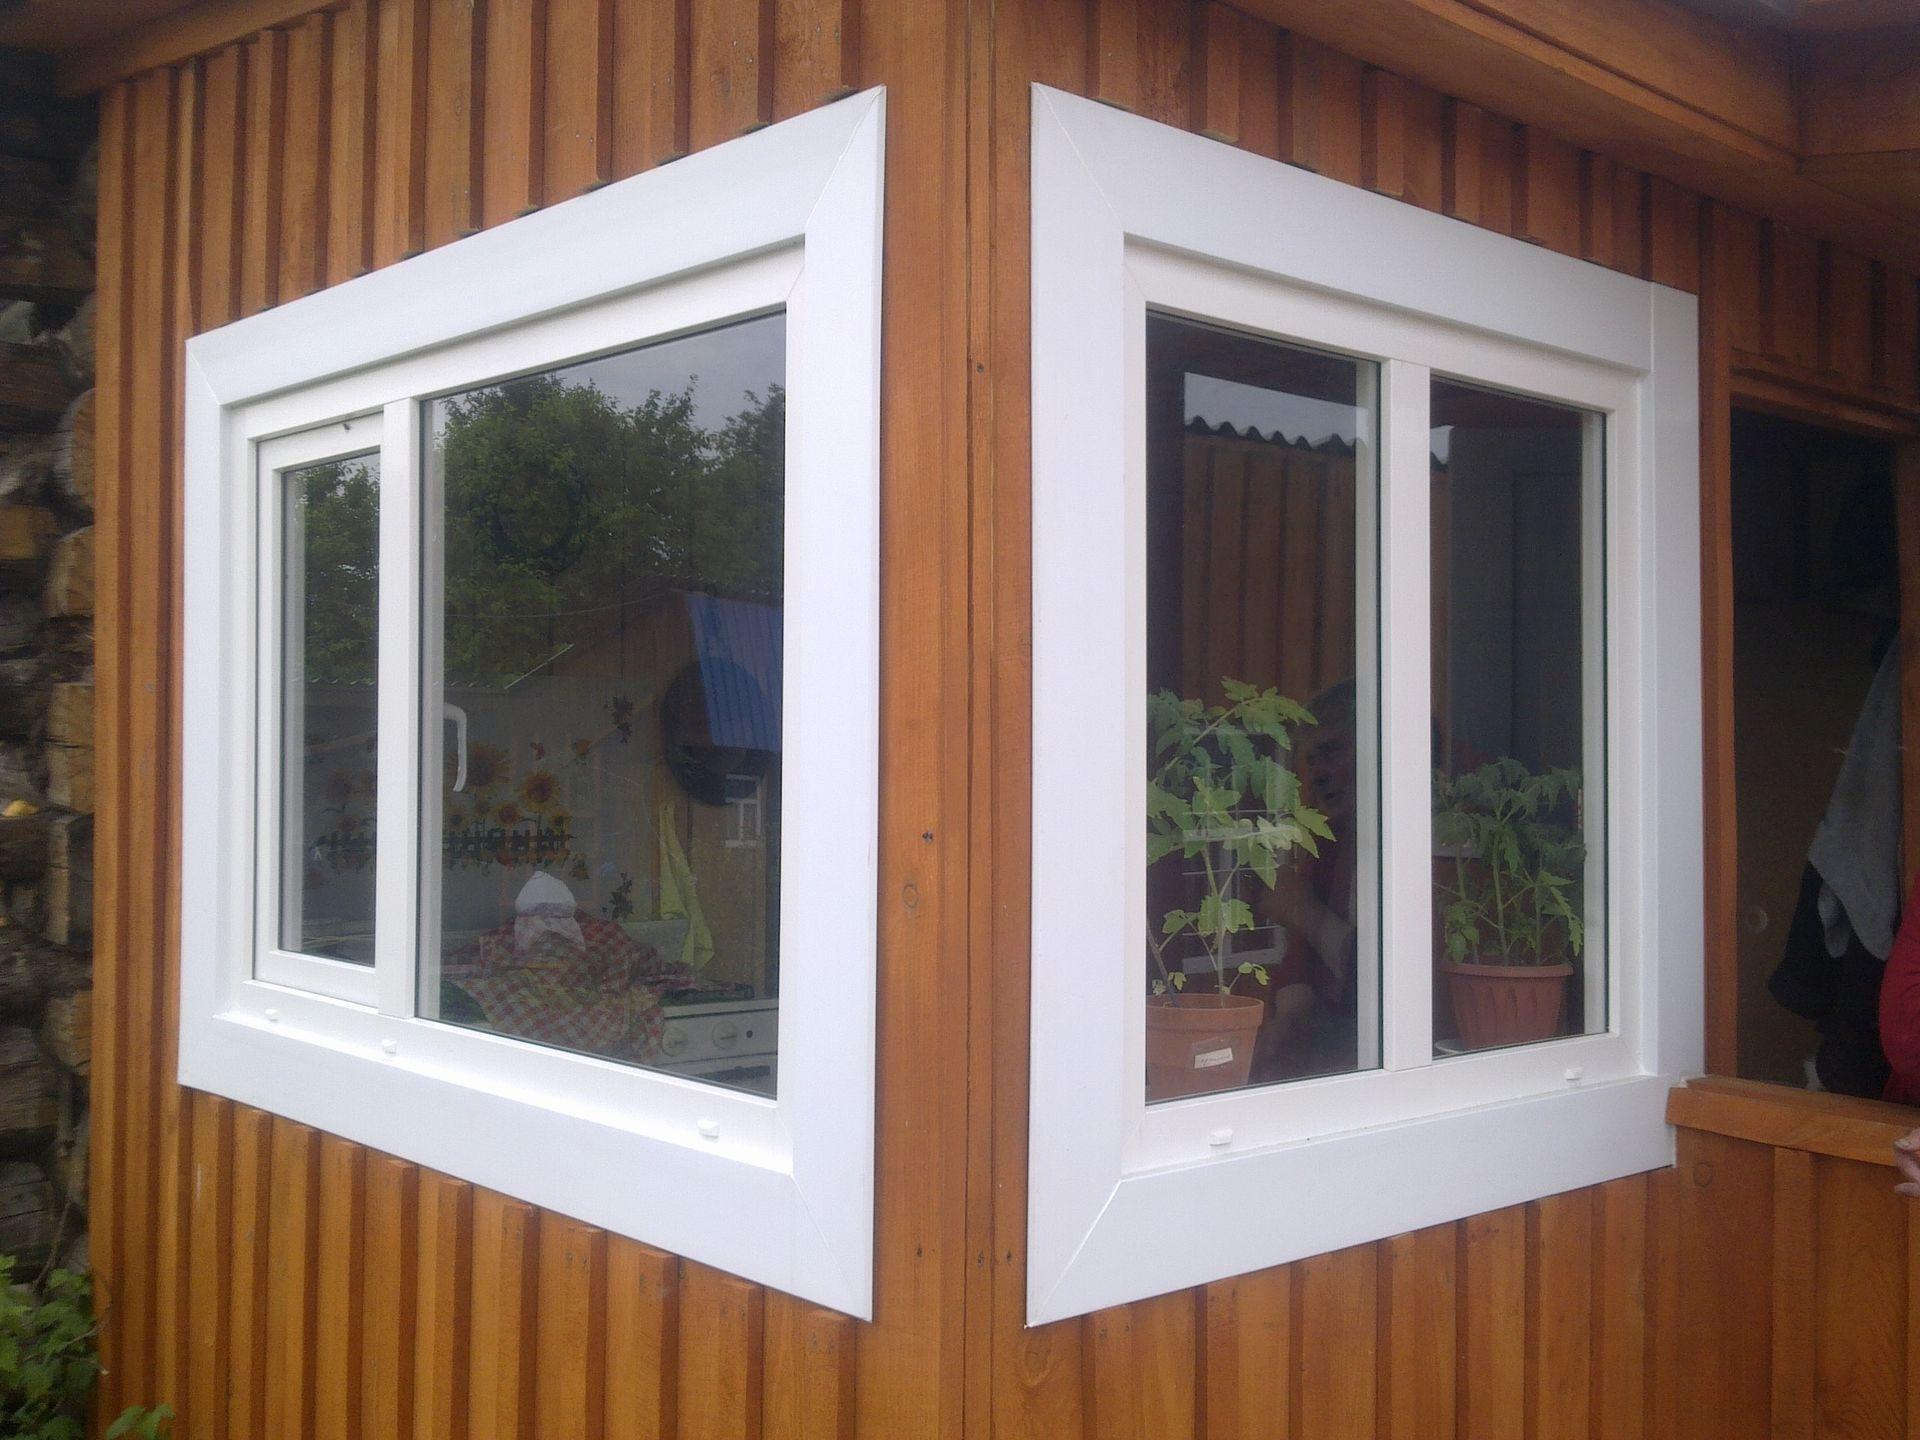 Недорогие Окна для дачи в Москве 89253899134 купить 1